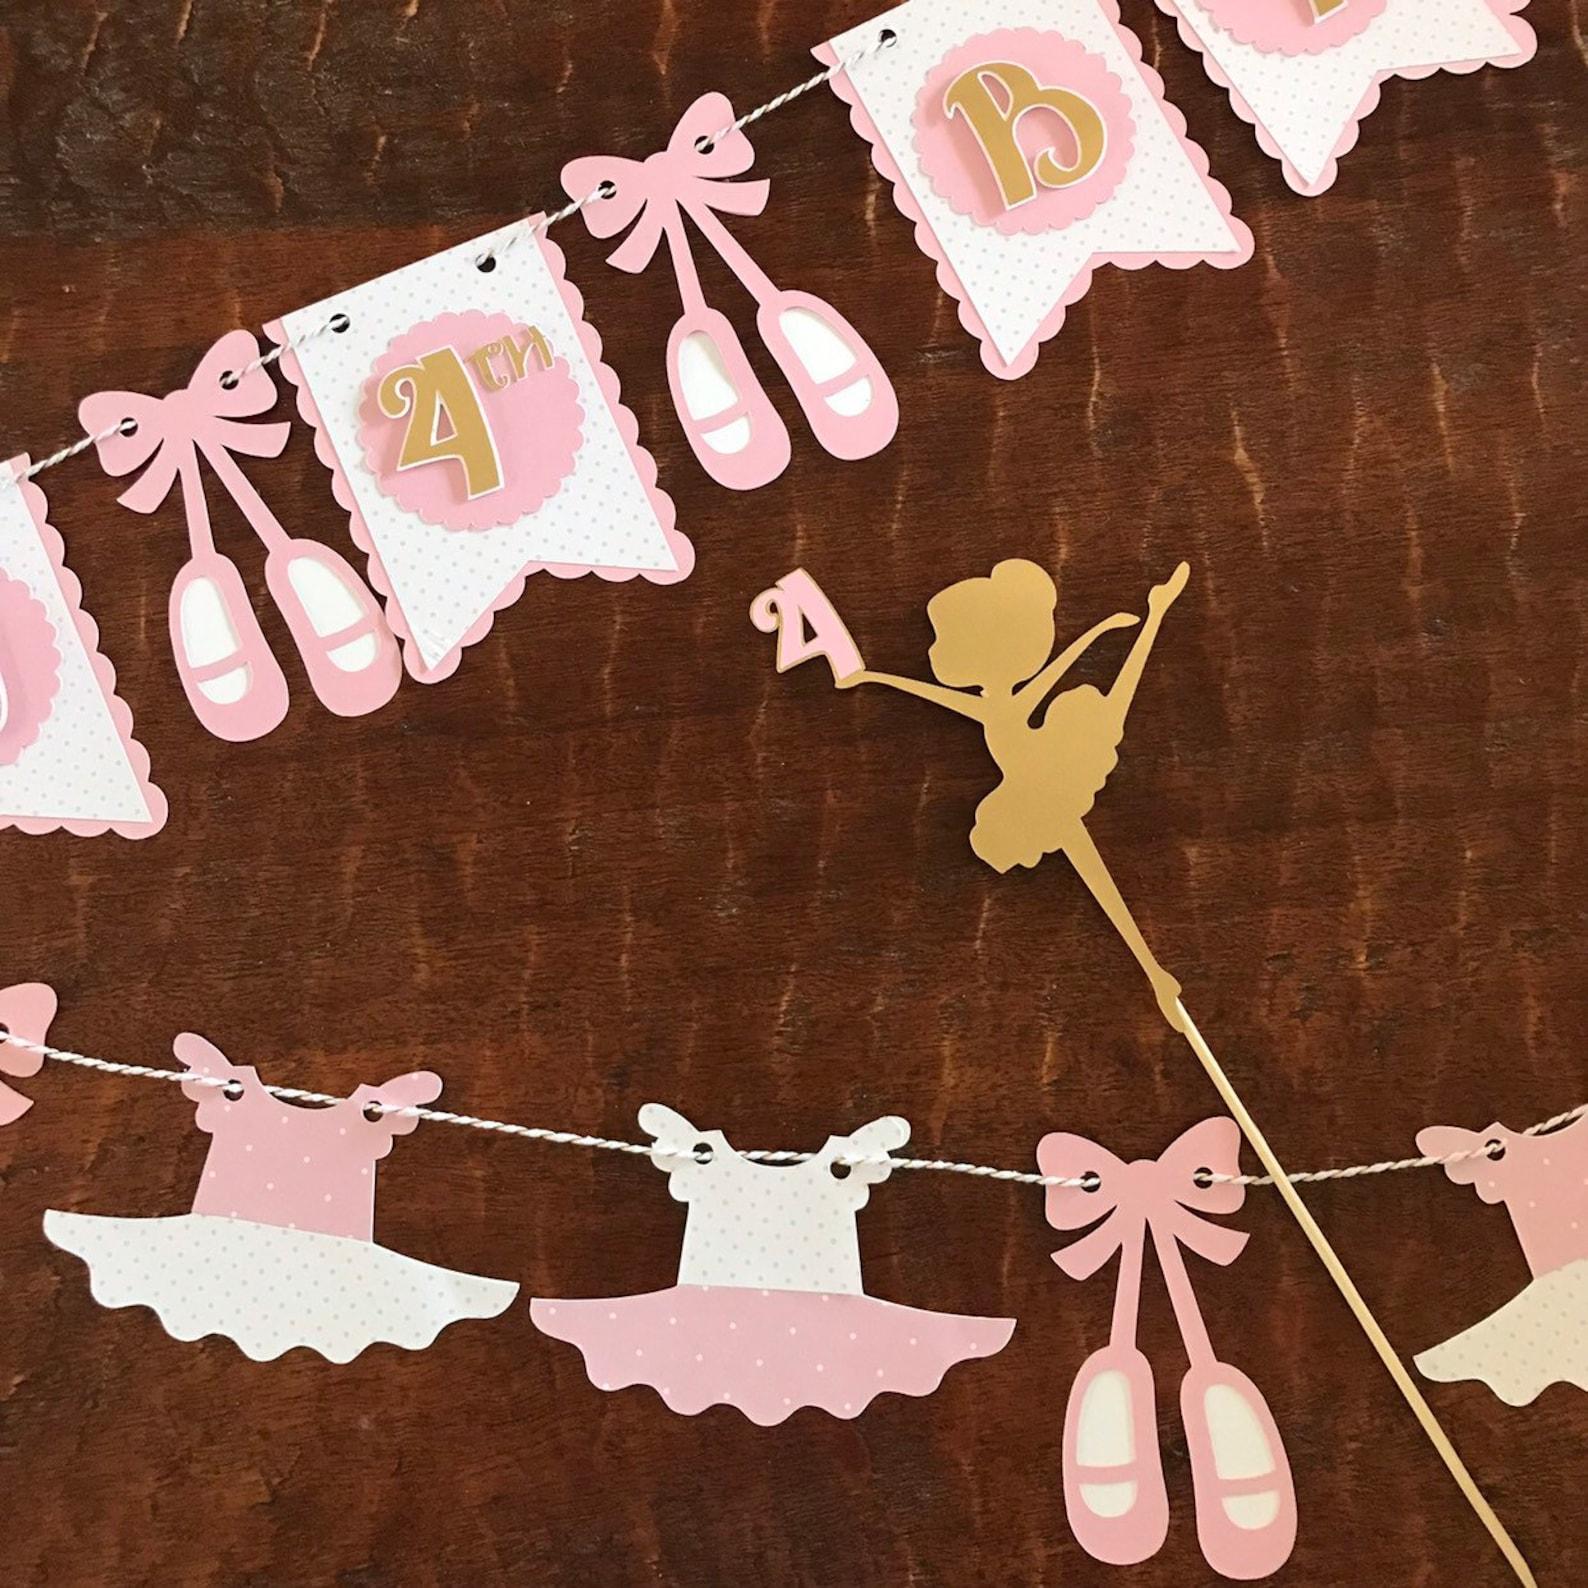 ballerina birthday banner, ballet slippers, tutu, ballerina pink and gold banner, ballet shoes, ballerina leotard, two two birth